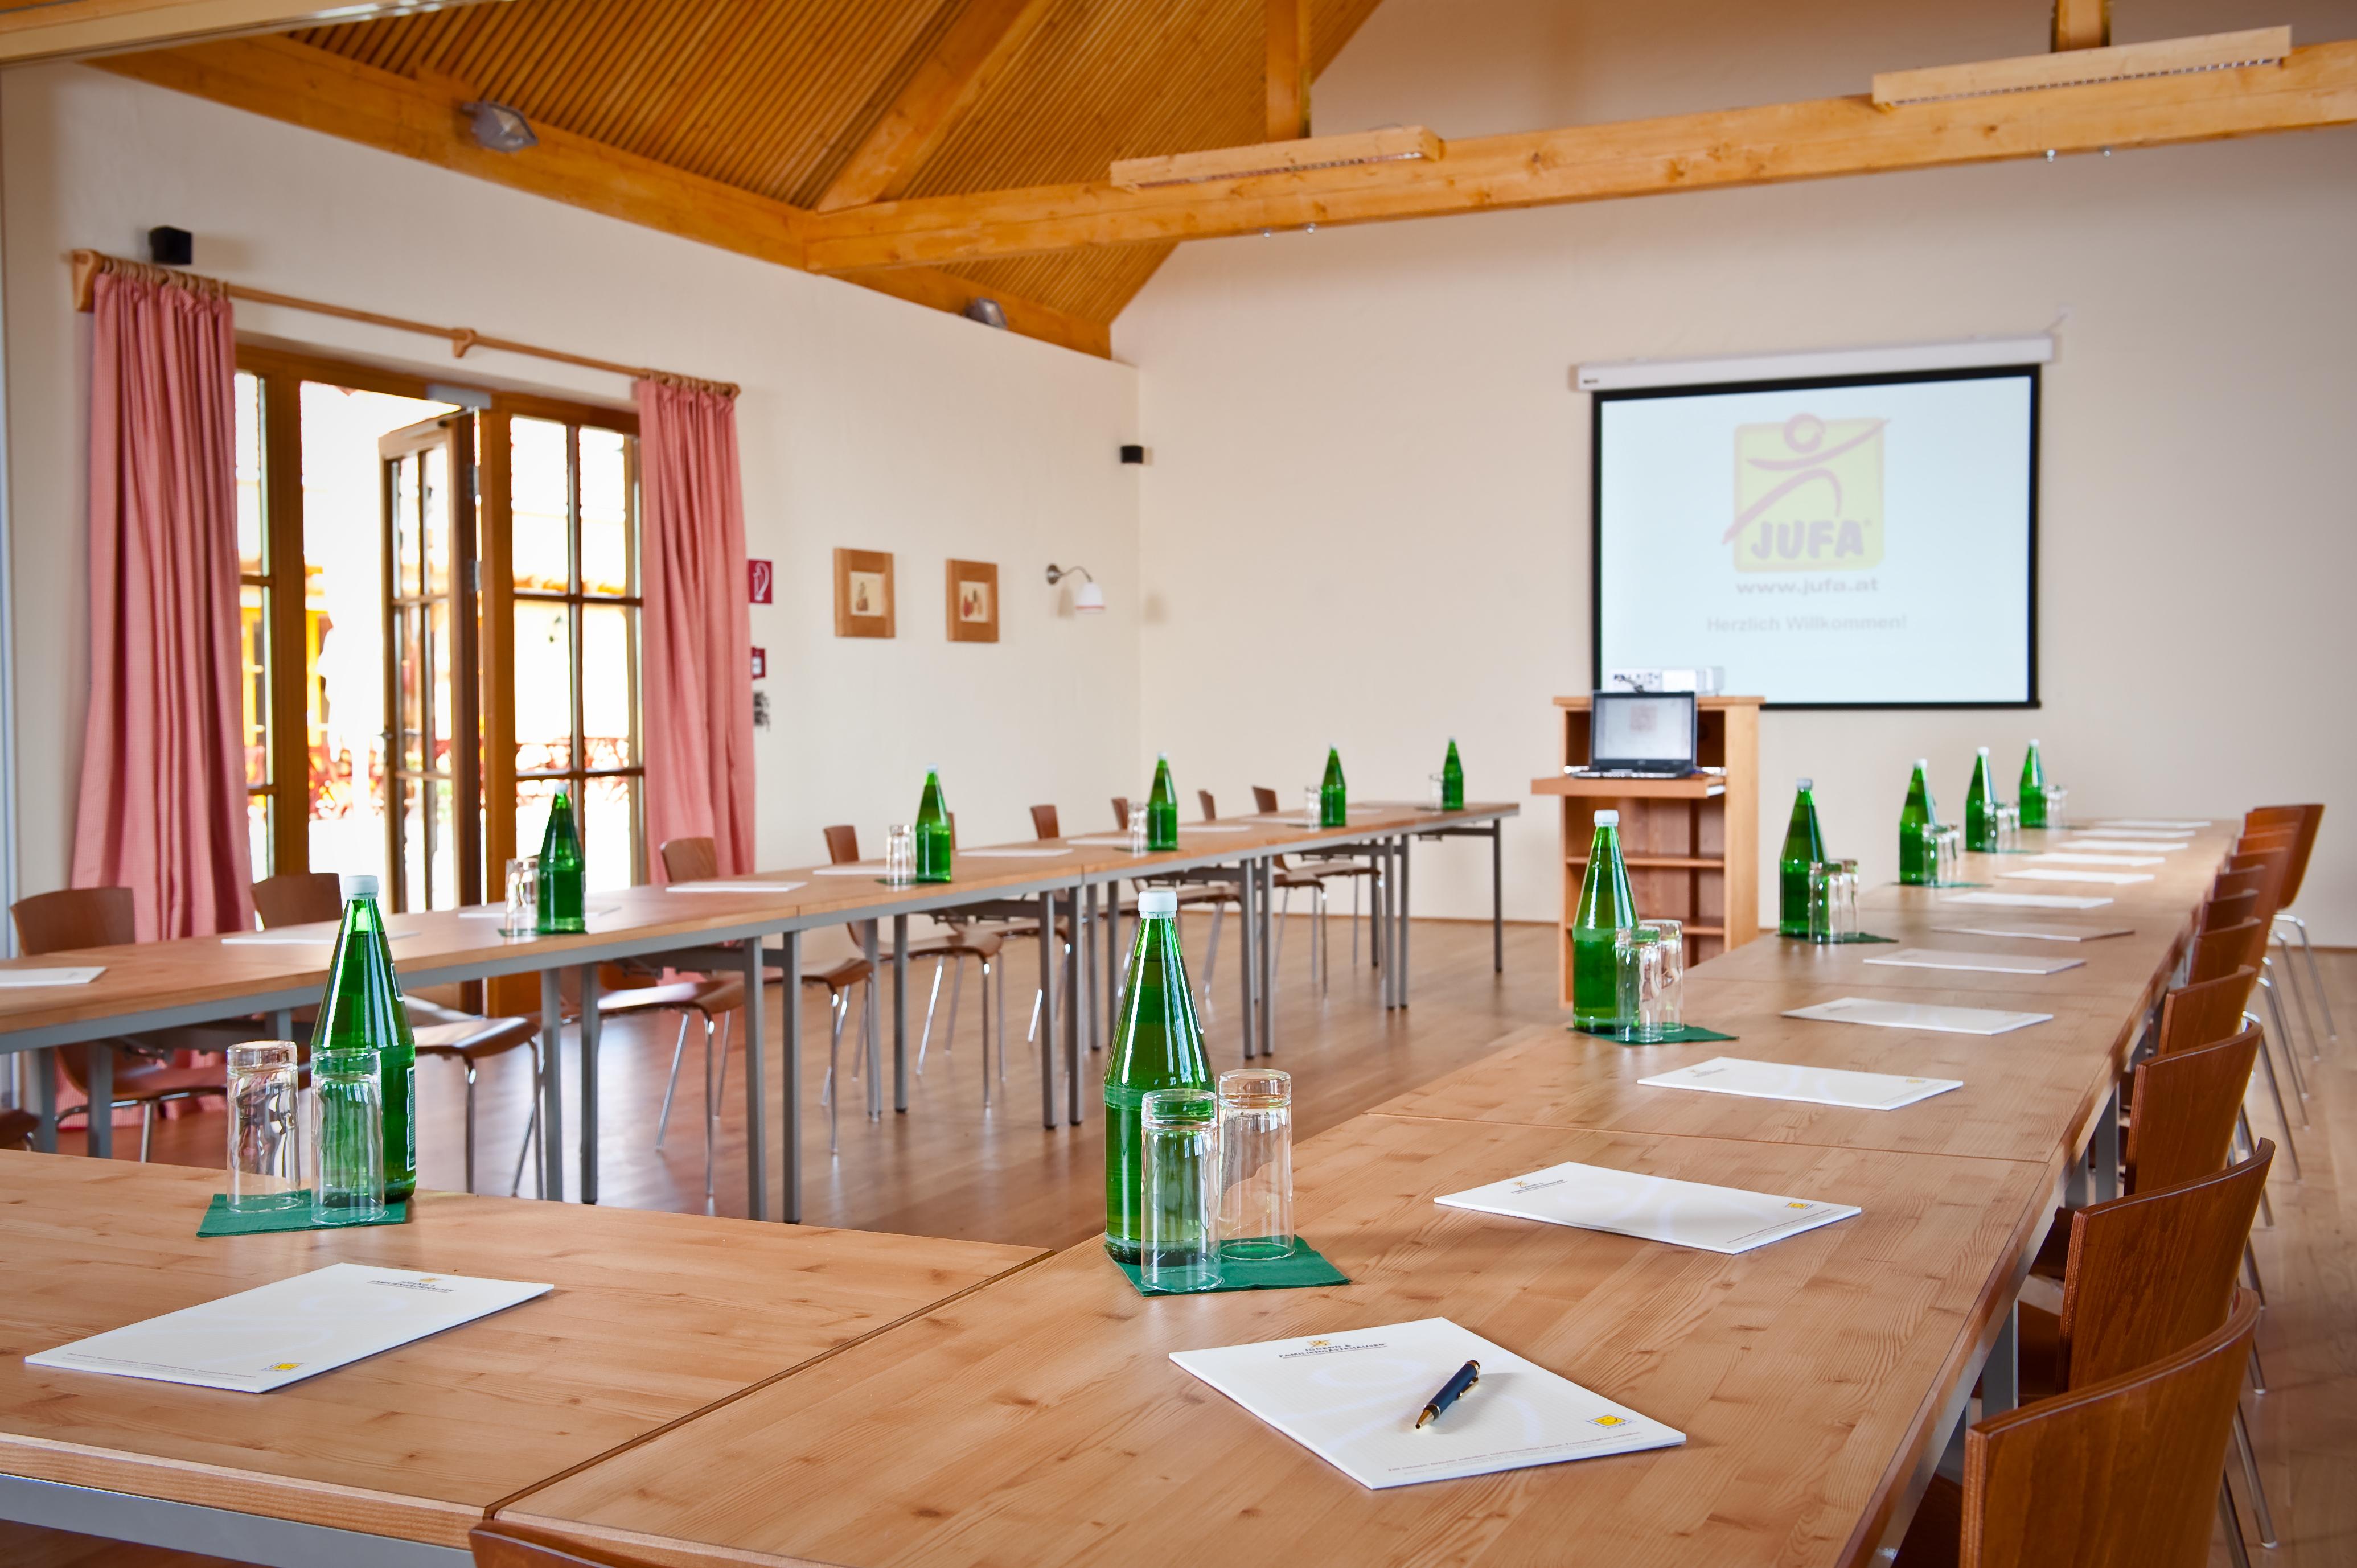 Gut ausgestatteter Seminarraum mit Terrasse im JUFA Hotel Tieschen - Landerlebnis. Der Ort für erlebnisreichen Natururlaub für die ganze Familie.